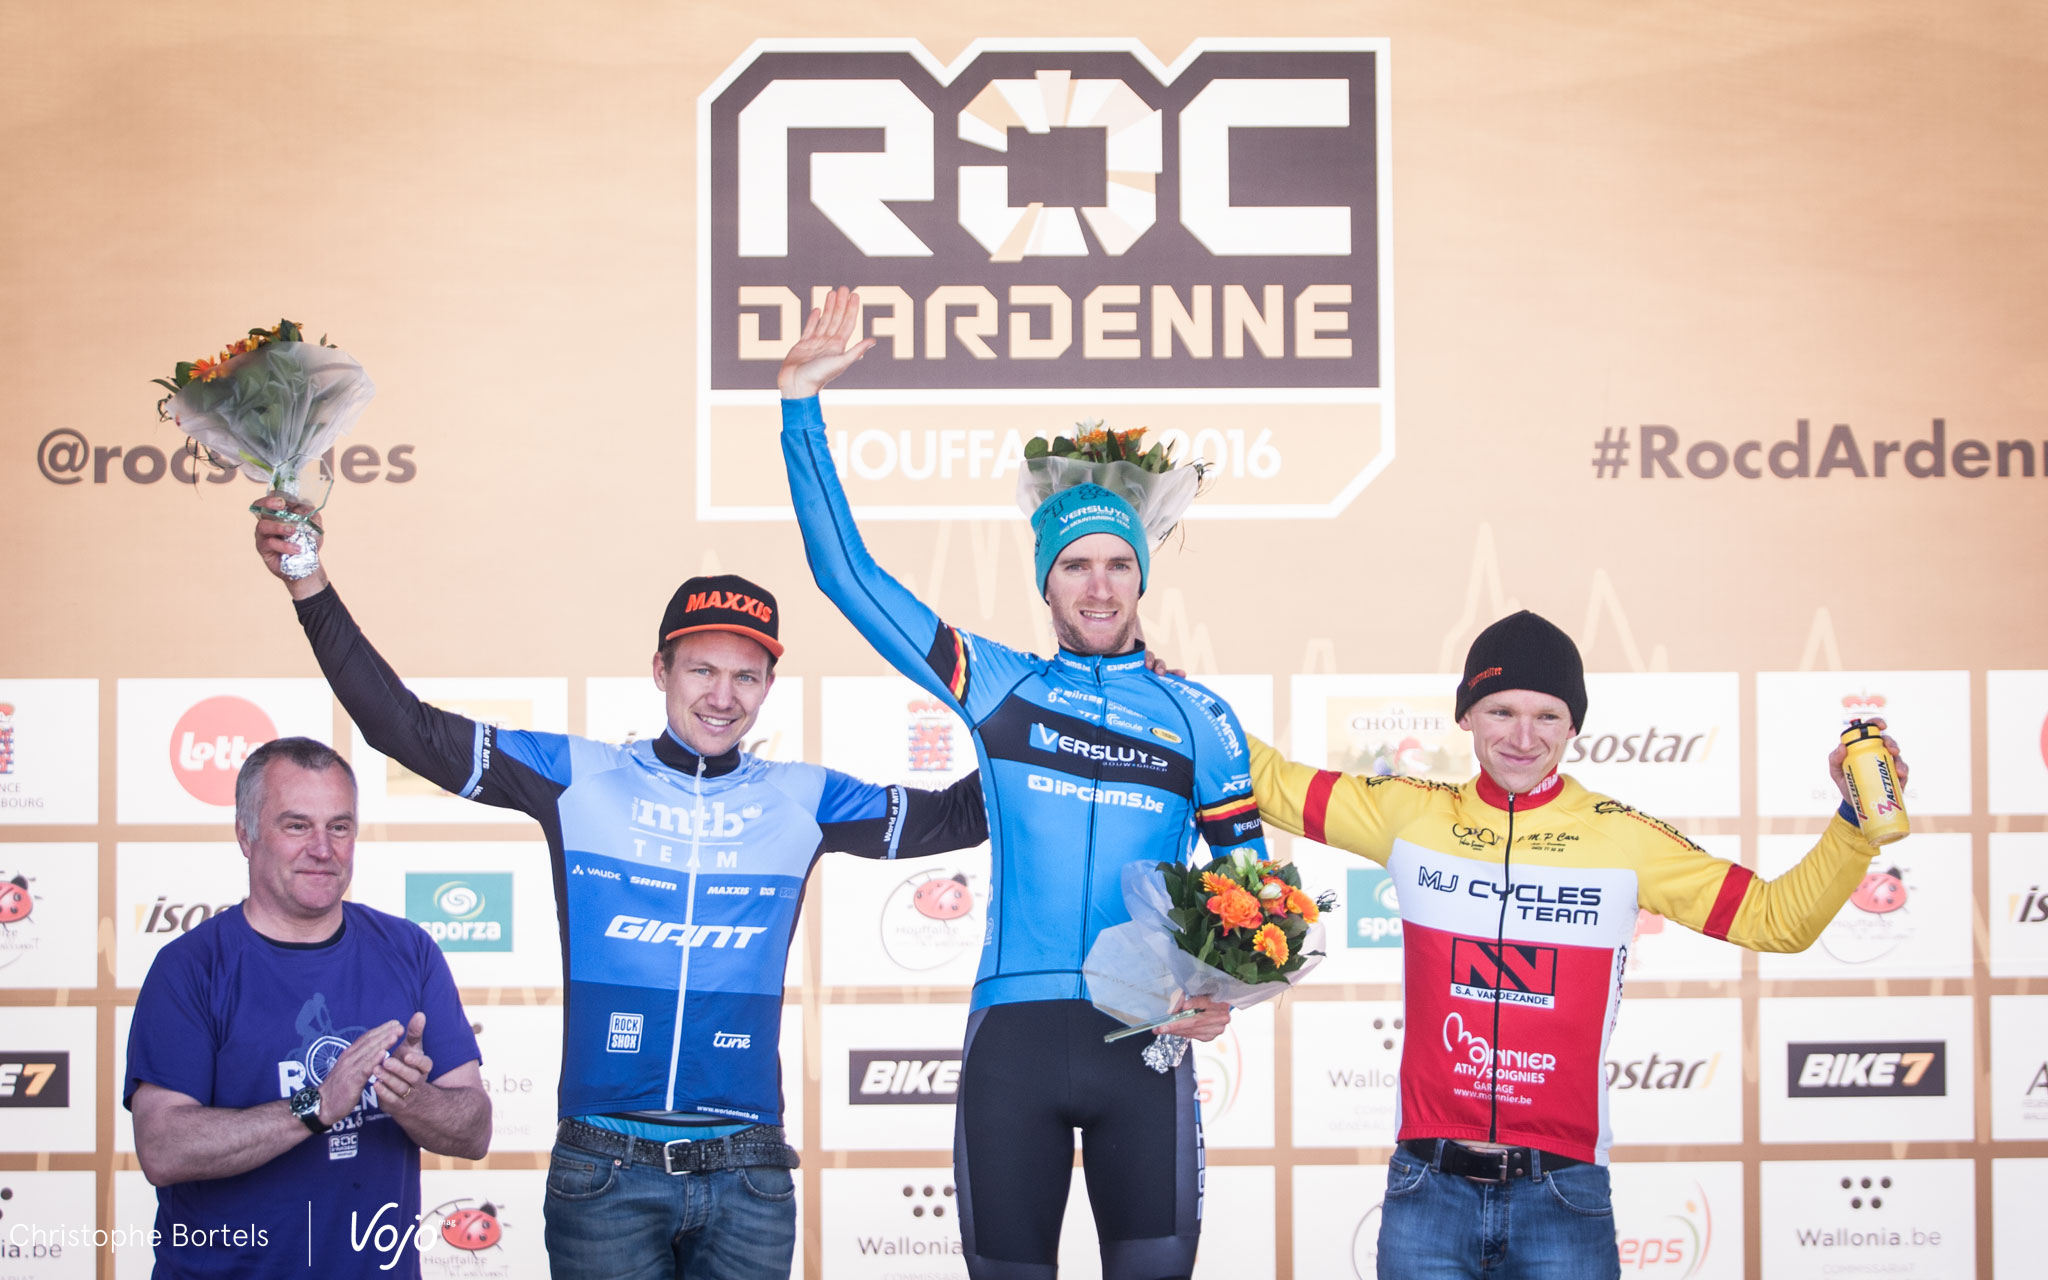 roc-dardenne-2016-podium-men